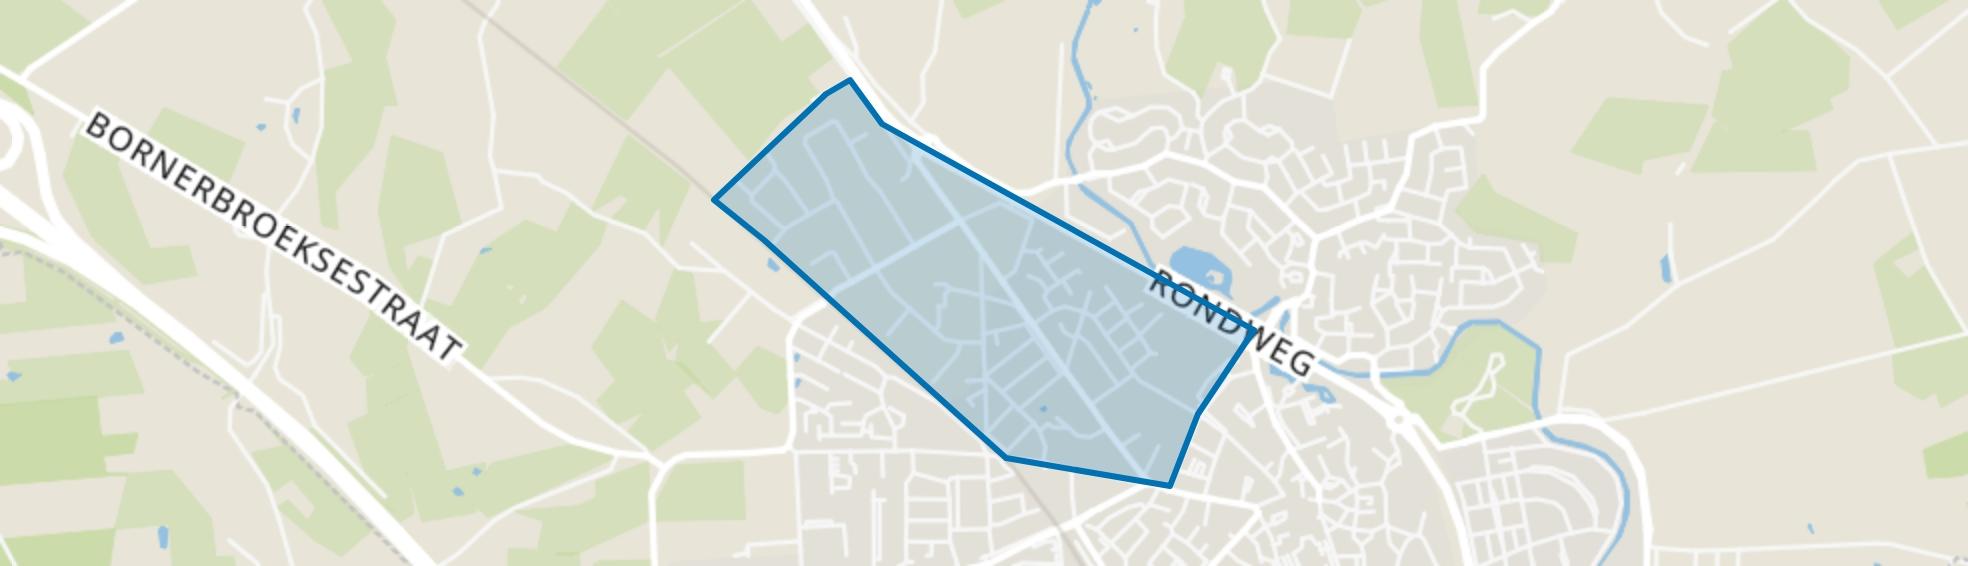 Dikkerslaan-Molenkampsweg en omgeving, Borne map